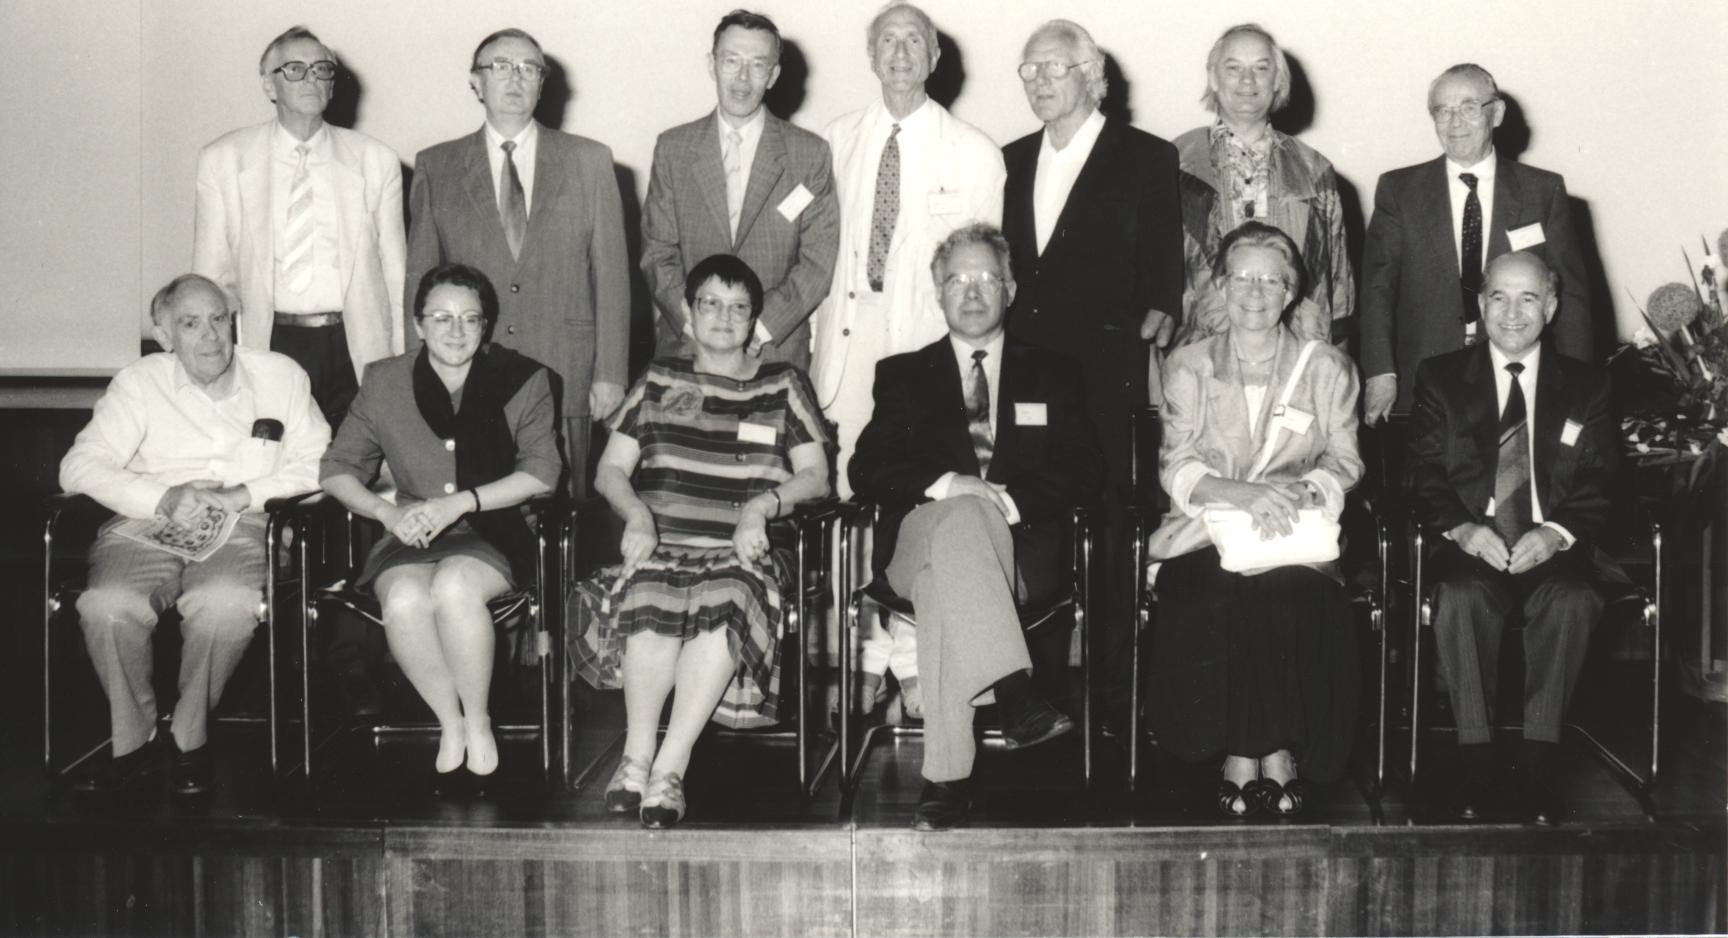 XIV. Imago Mundi-Kongress 1993, Innsbruck, Gruppenfoto der Referenten